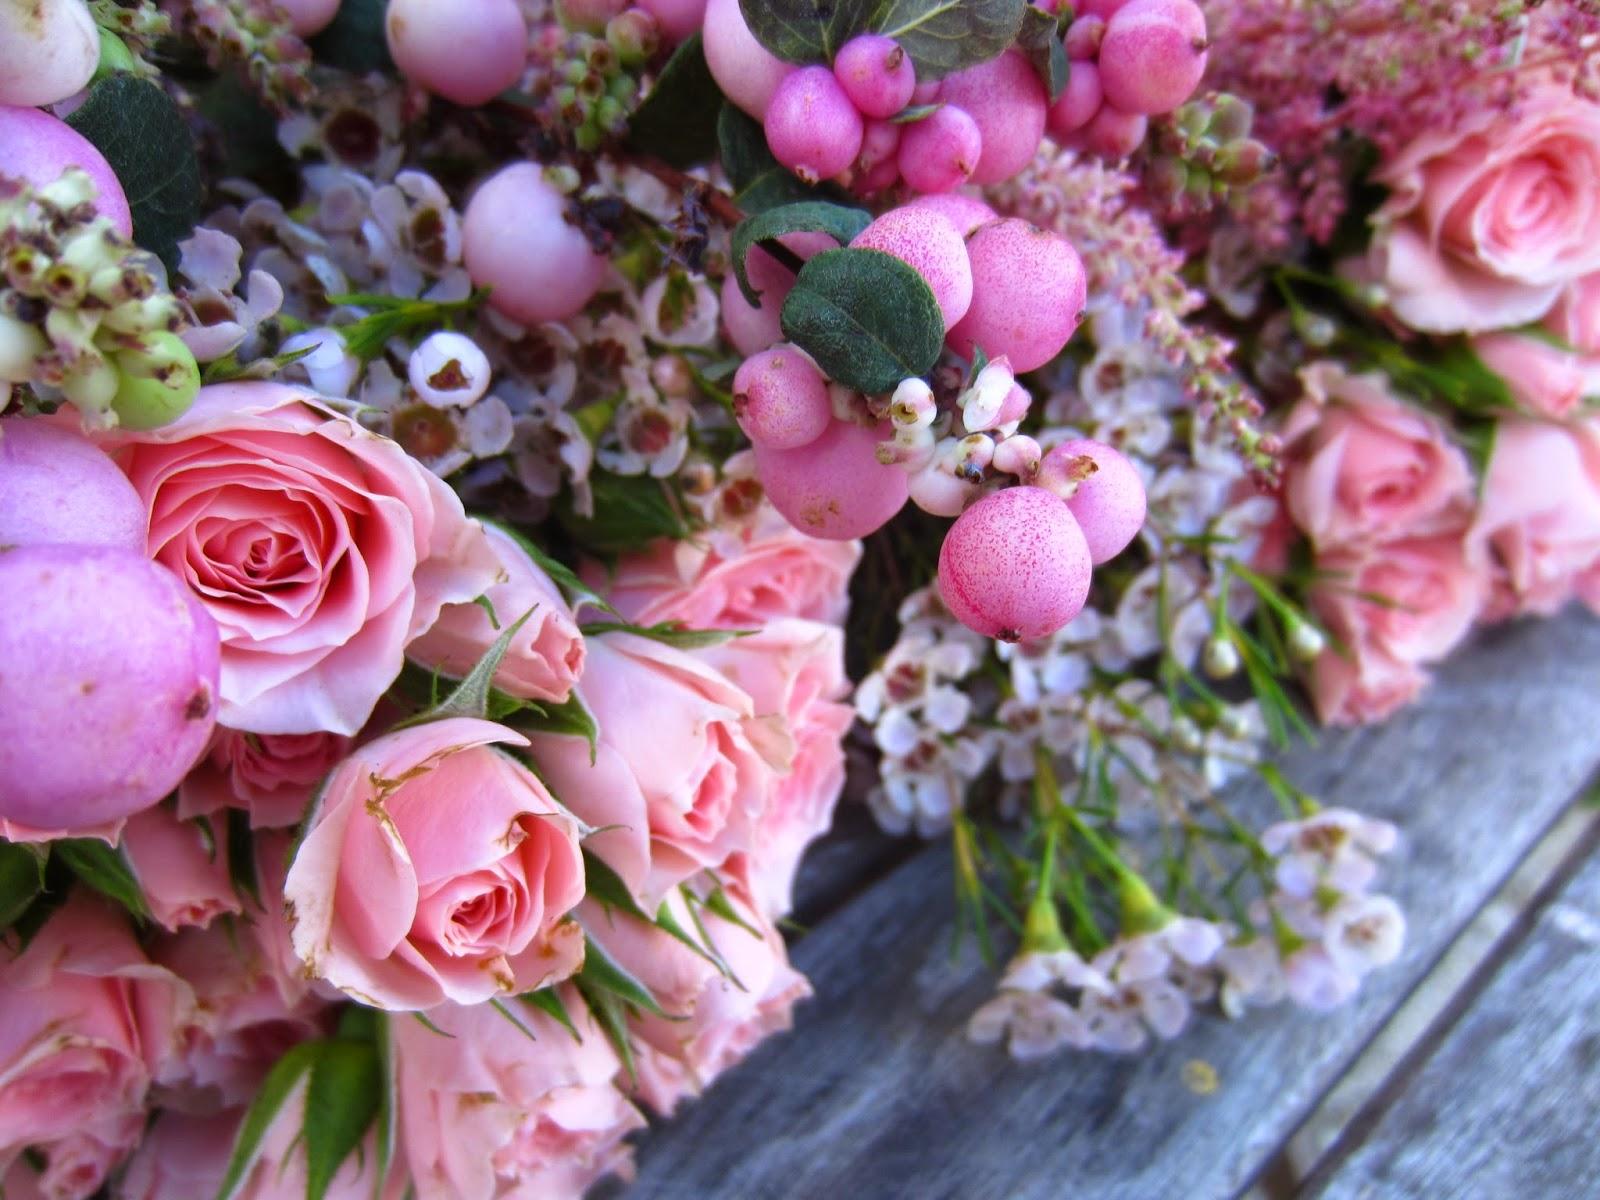 la petite boutique de fleurs fleuriste mariage lyon fleuriste mariage rh ne rose. Black Bedroom Furniture Sets. Home Design Ideas